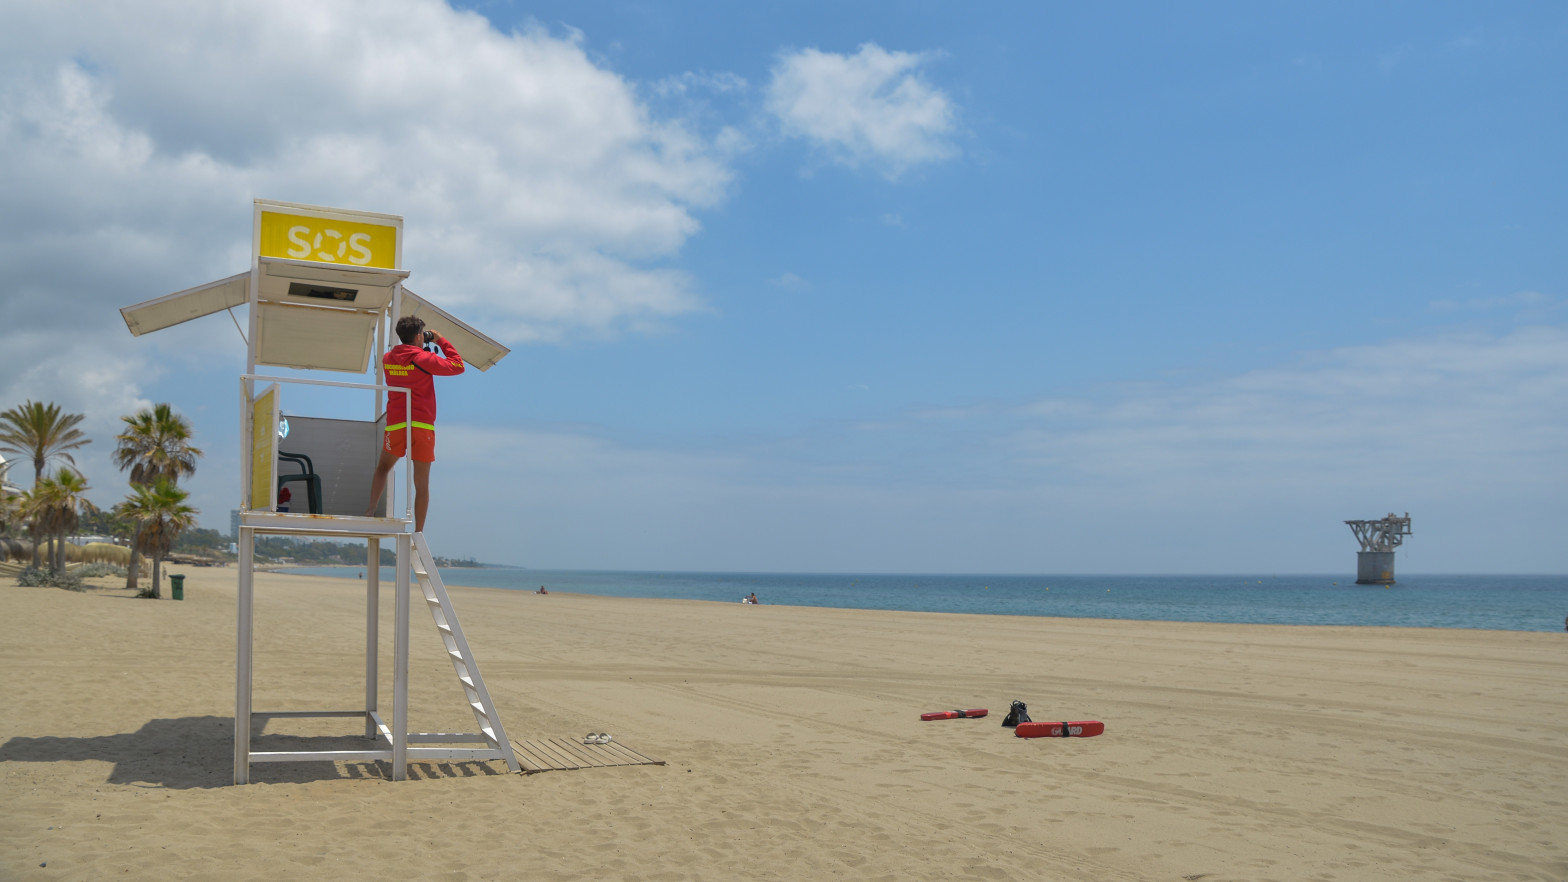 La semana comienza estable y con calor, sobre todo en Andalucía